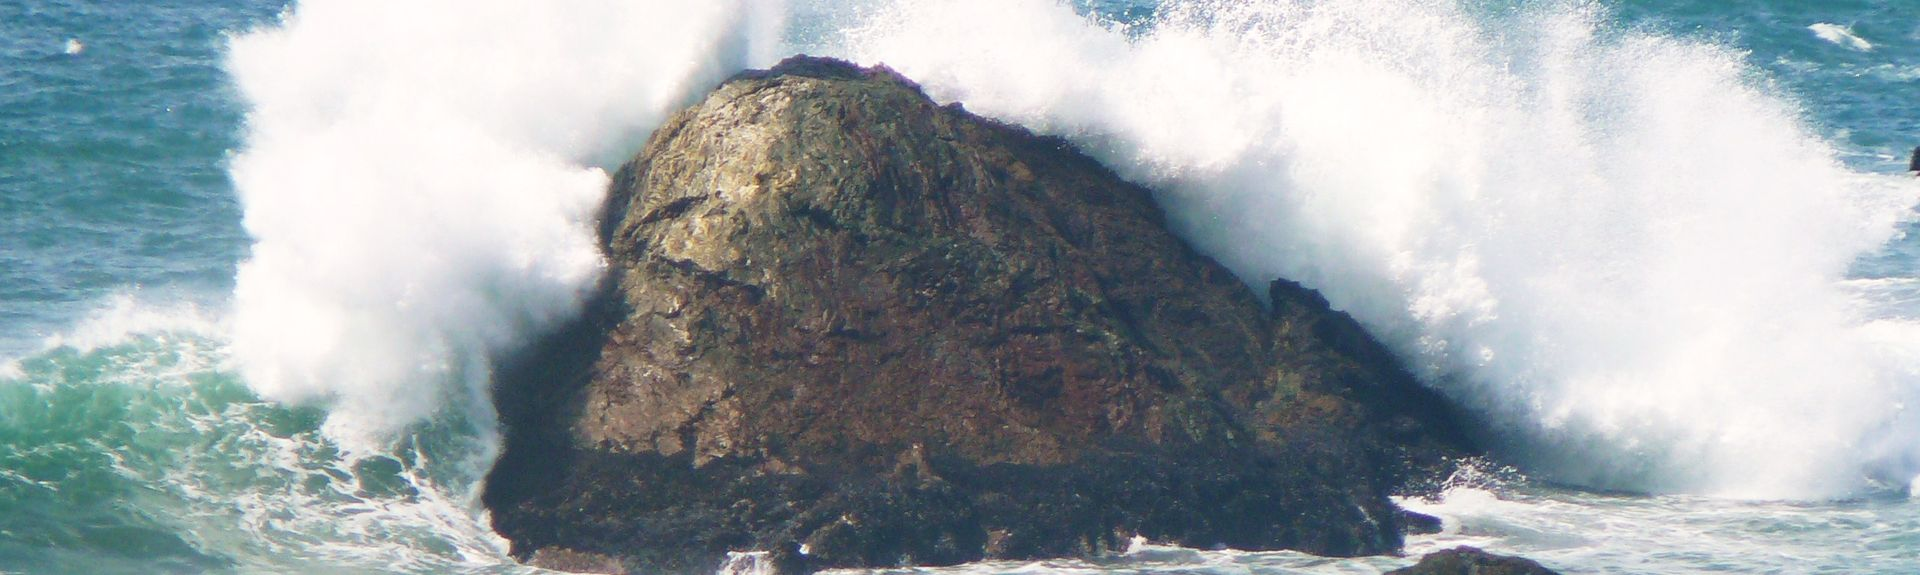 Sereno del Mar, CA, USA